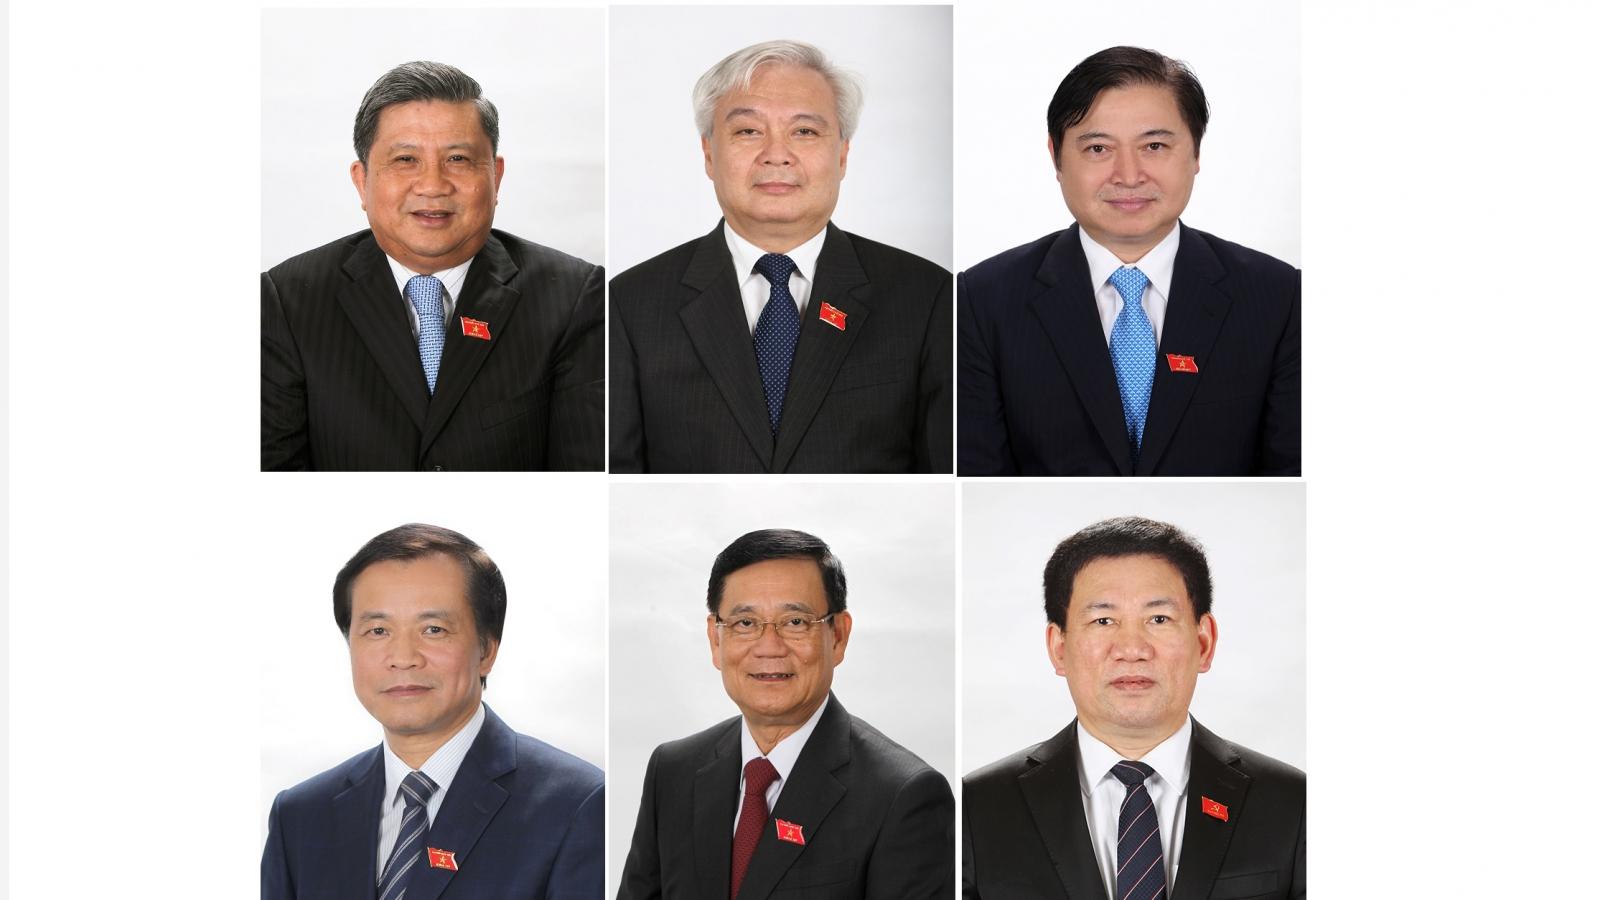 Quốc hội miễn nhiệm 5 Ủy viên Ủy ban Thường vụ Quốc hội và Tổng Kiểm toán